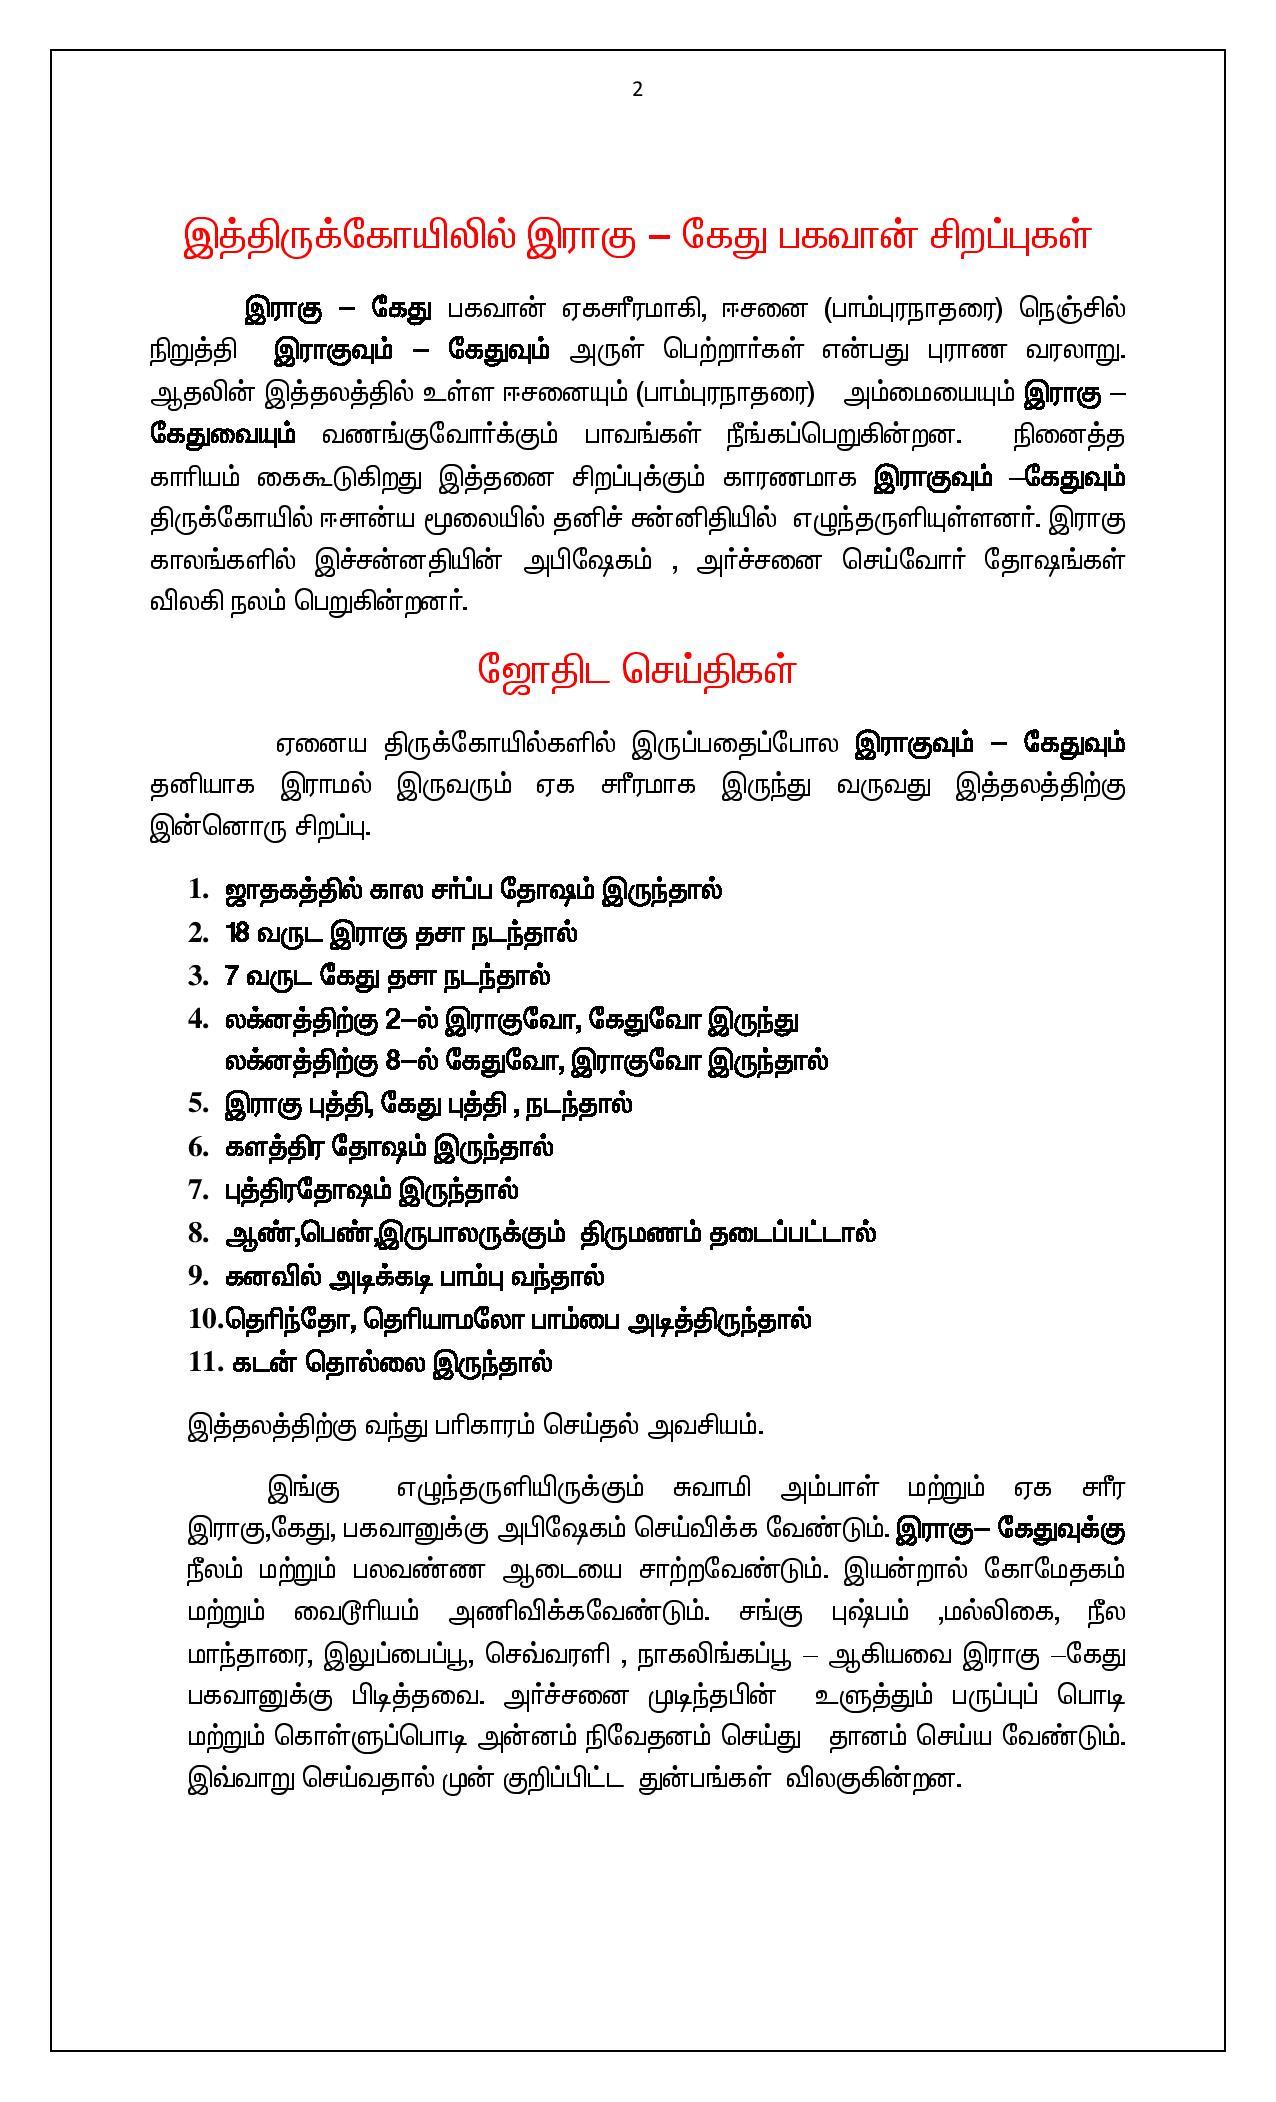 Hislory thiru pambupuram temple-page-002